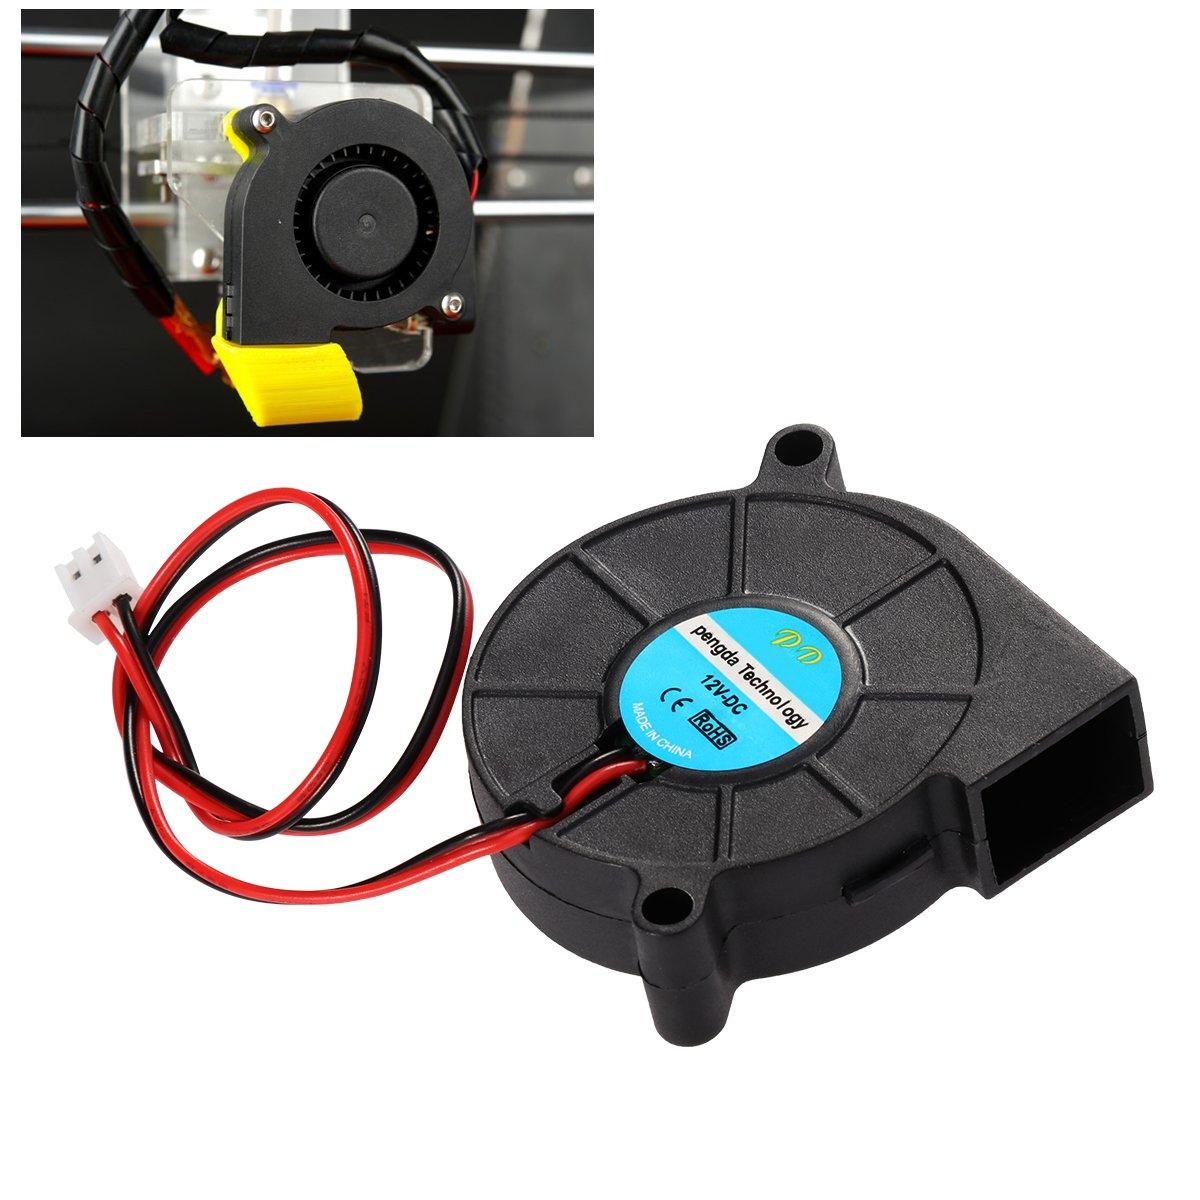 UEETEK Ventilatore DC 12V per stampante 3D,Ventola radiatore del ventilatore a turbina, eccellente per il dissipatore di calore raffreddamento a caldo, accessori per stampanti 3D,Nero